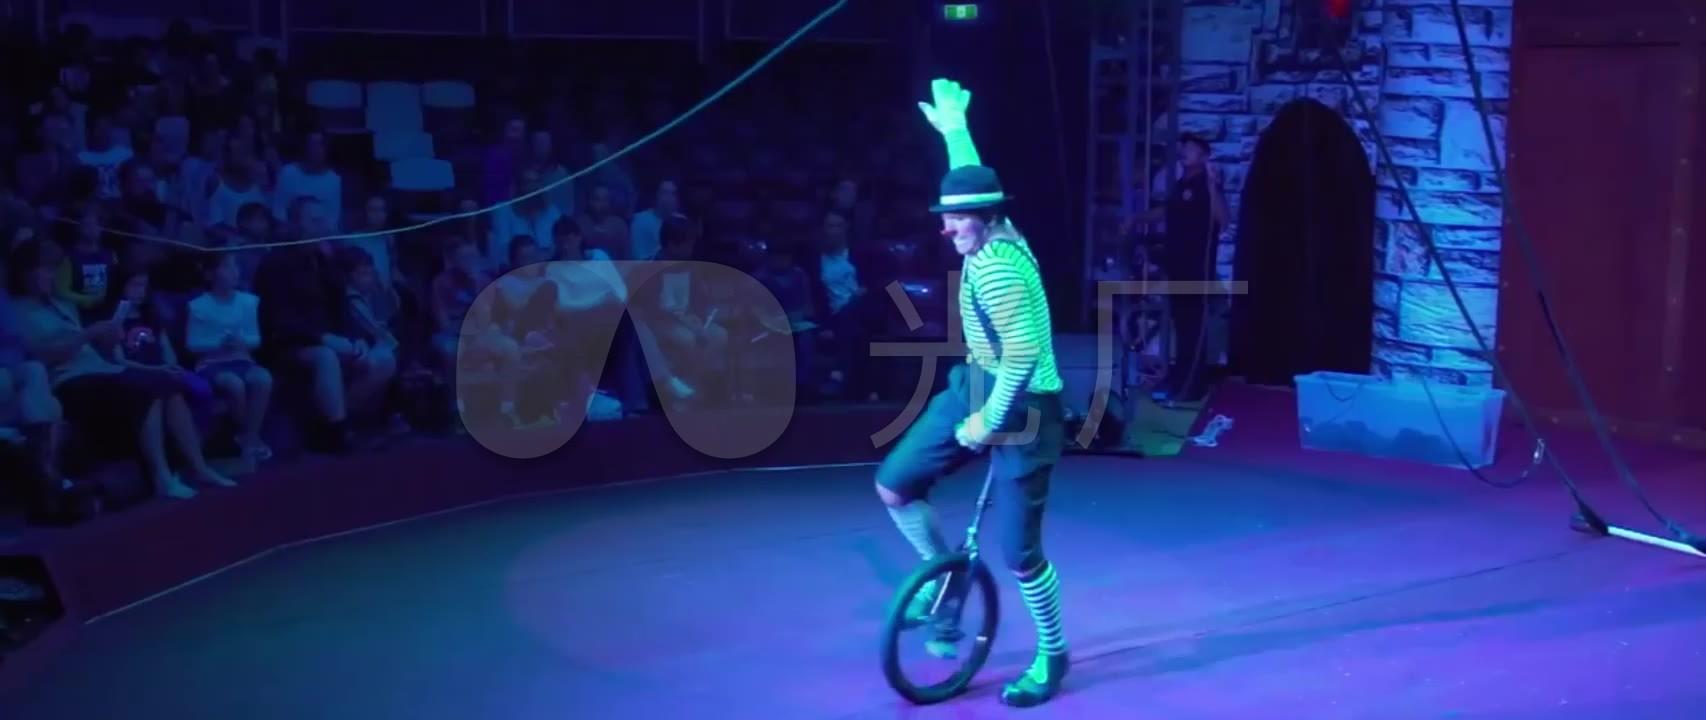 视频技能视频马戏团交流_1706X720_杂技小丑艺术高清演出图片